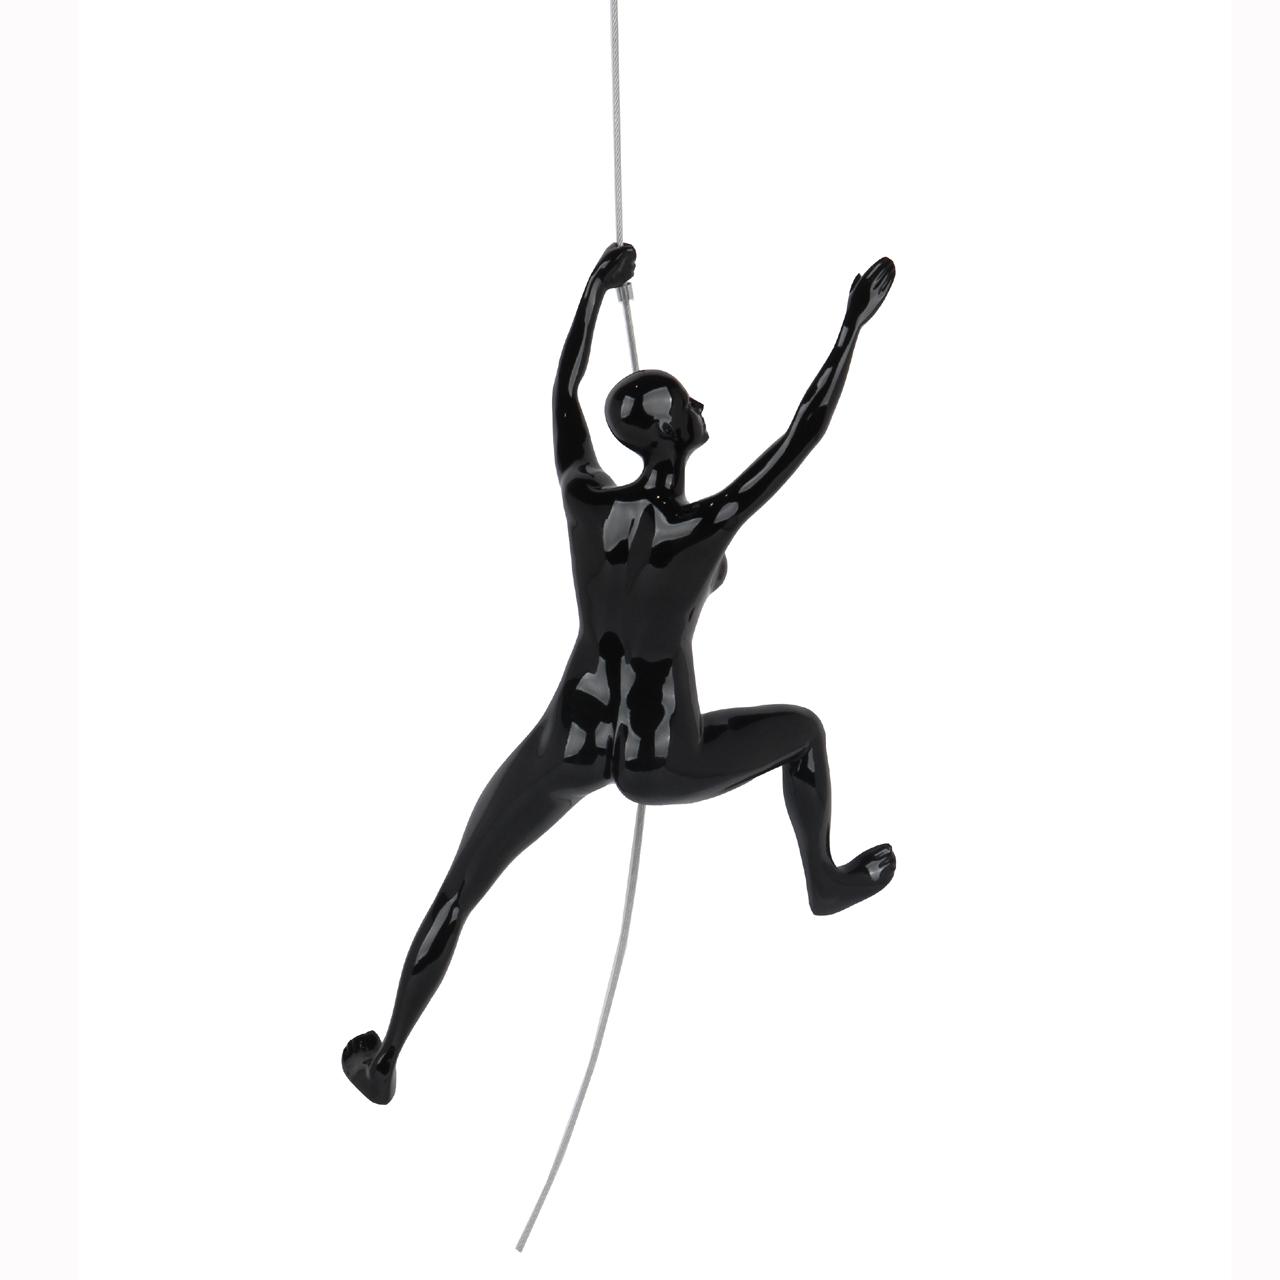 Human Resin Sculpture Online